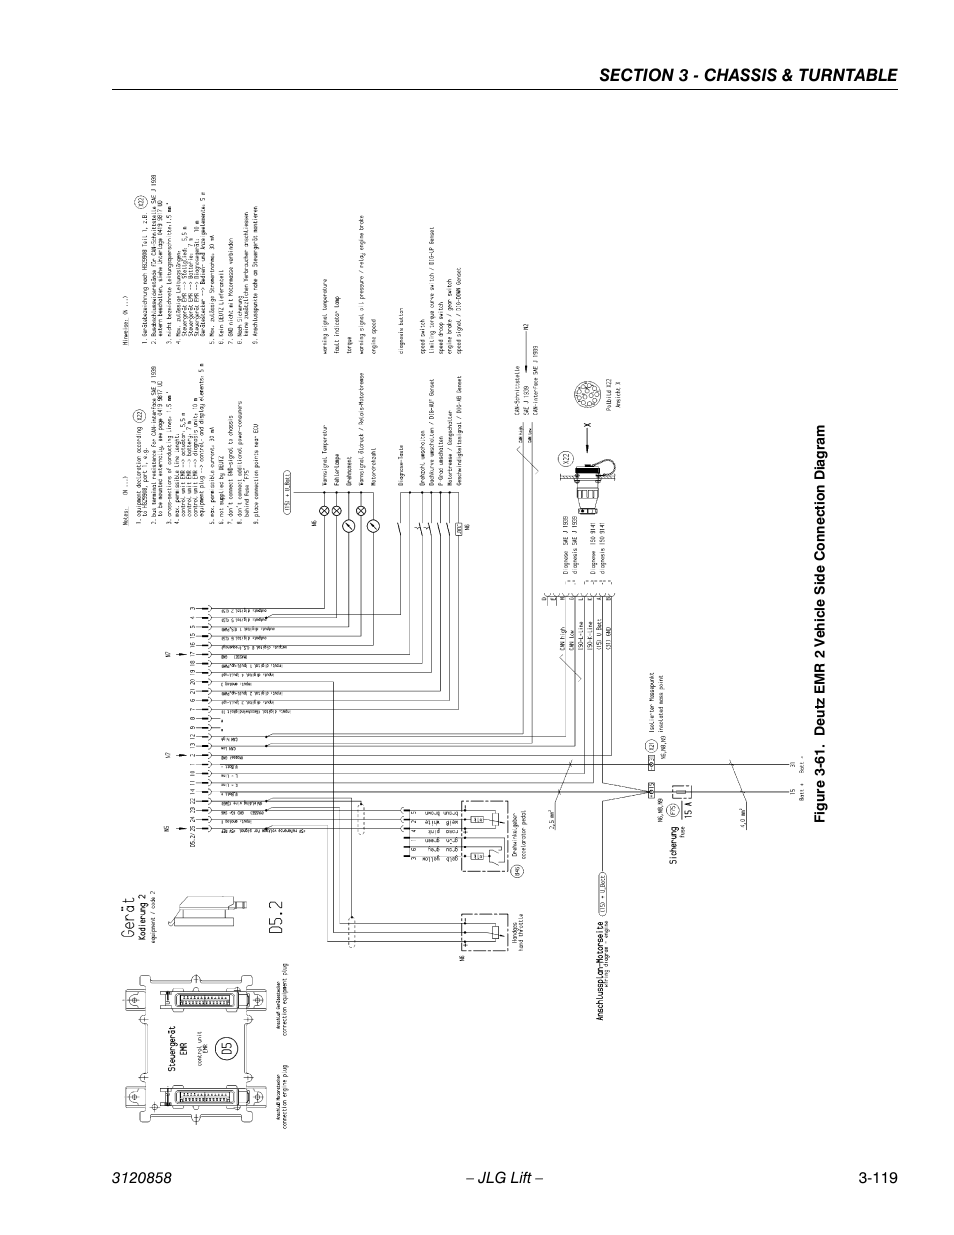 Deutz Emr 2 Vehicle Side Connection Diagram